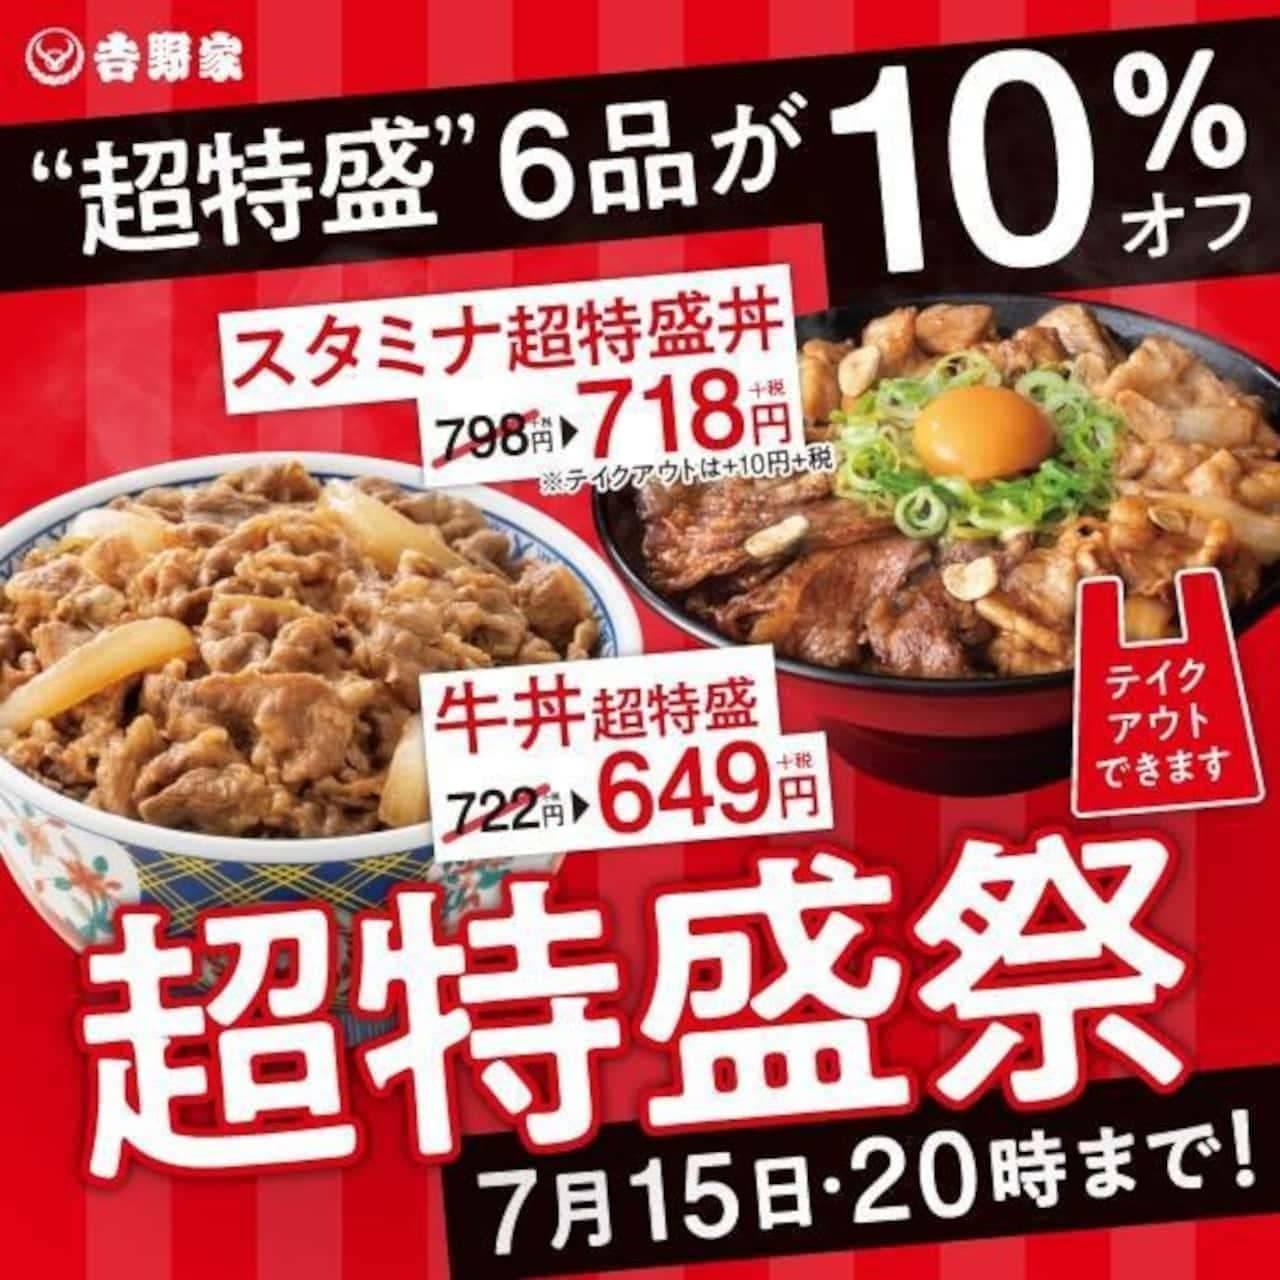 吉野家「スタミナ超特盛丼」など10引き